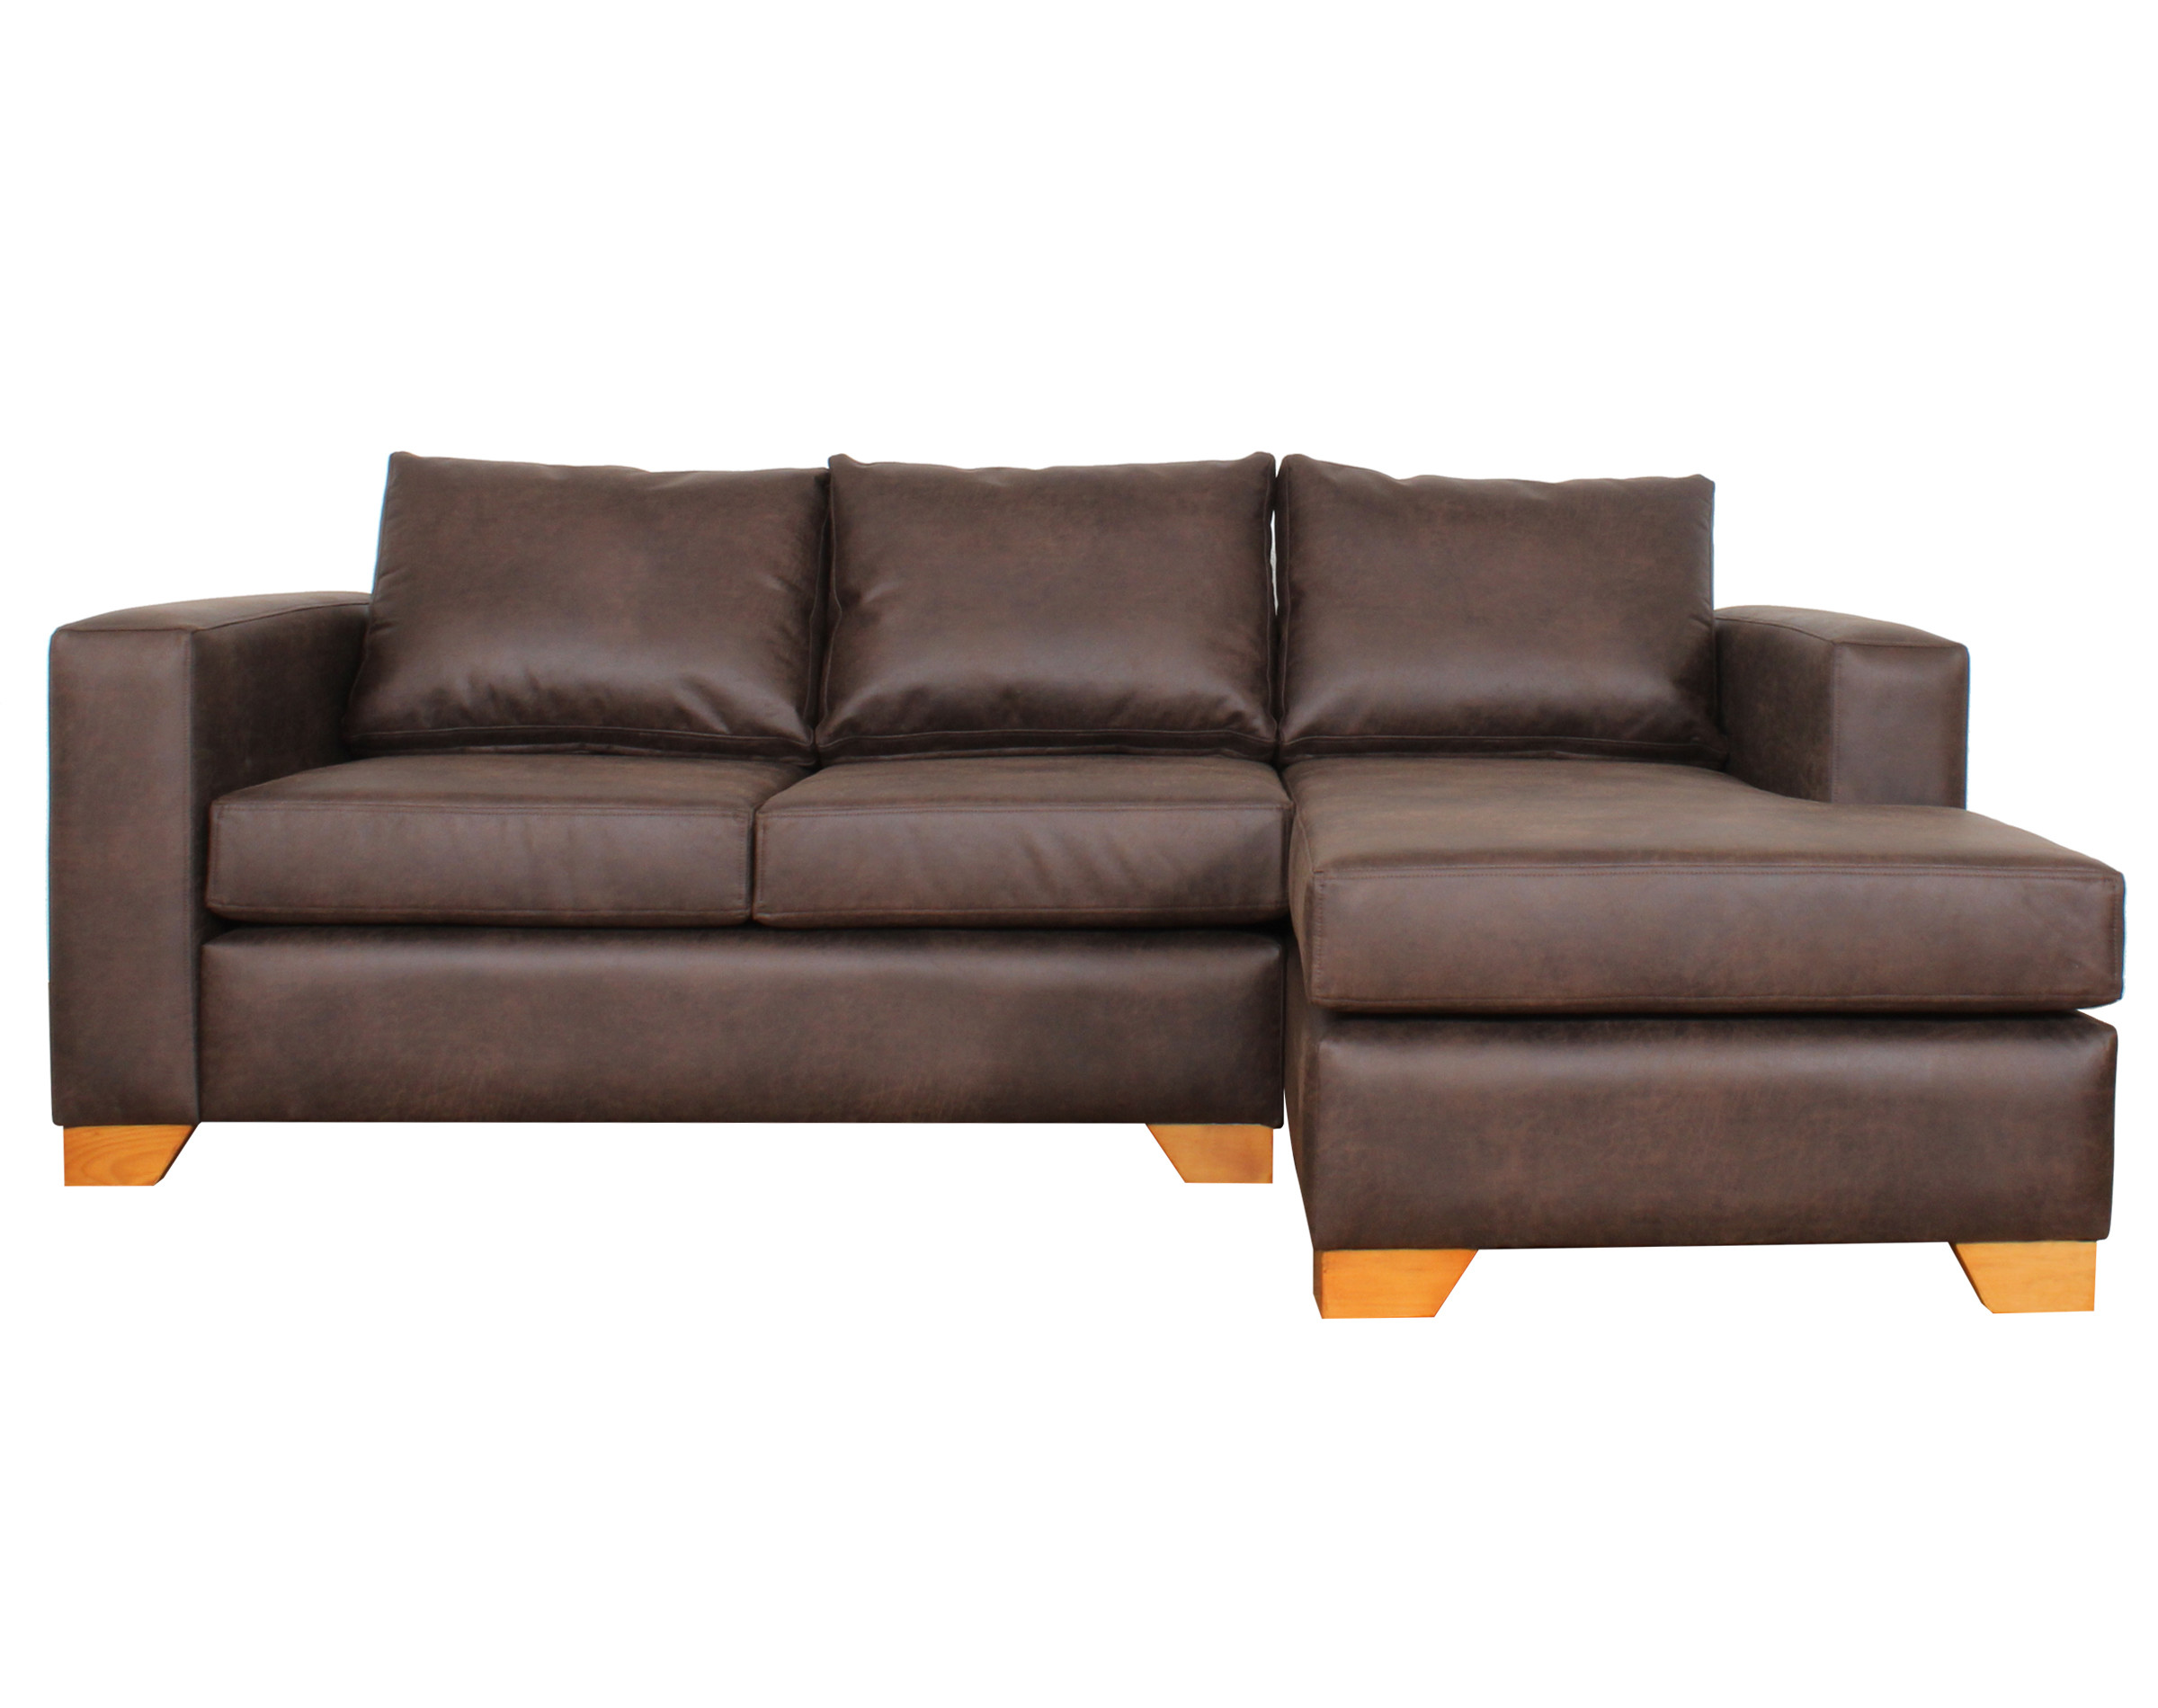 Sofa Seccional Der Cuero Bonded 70 Dk Brown